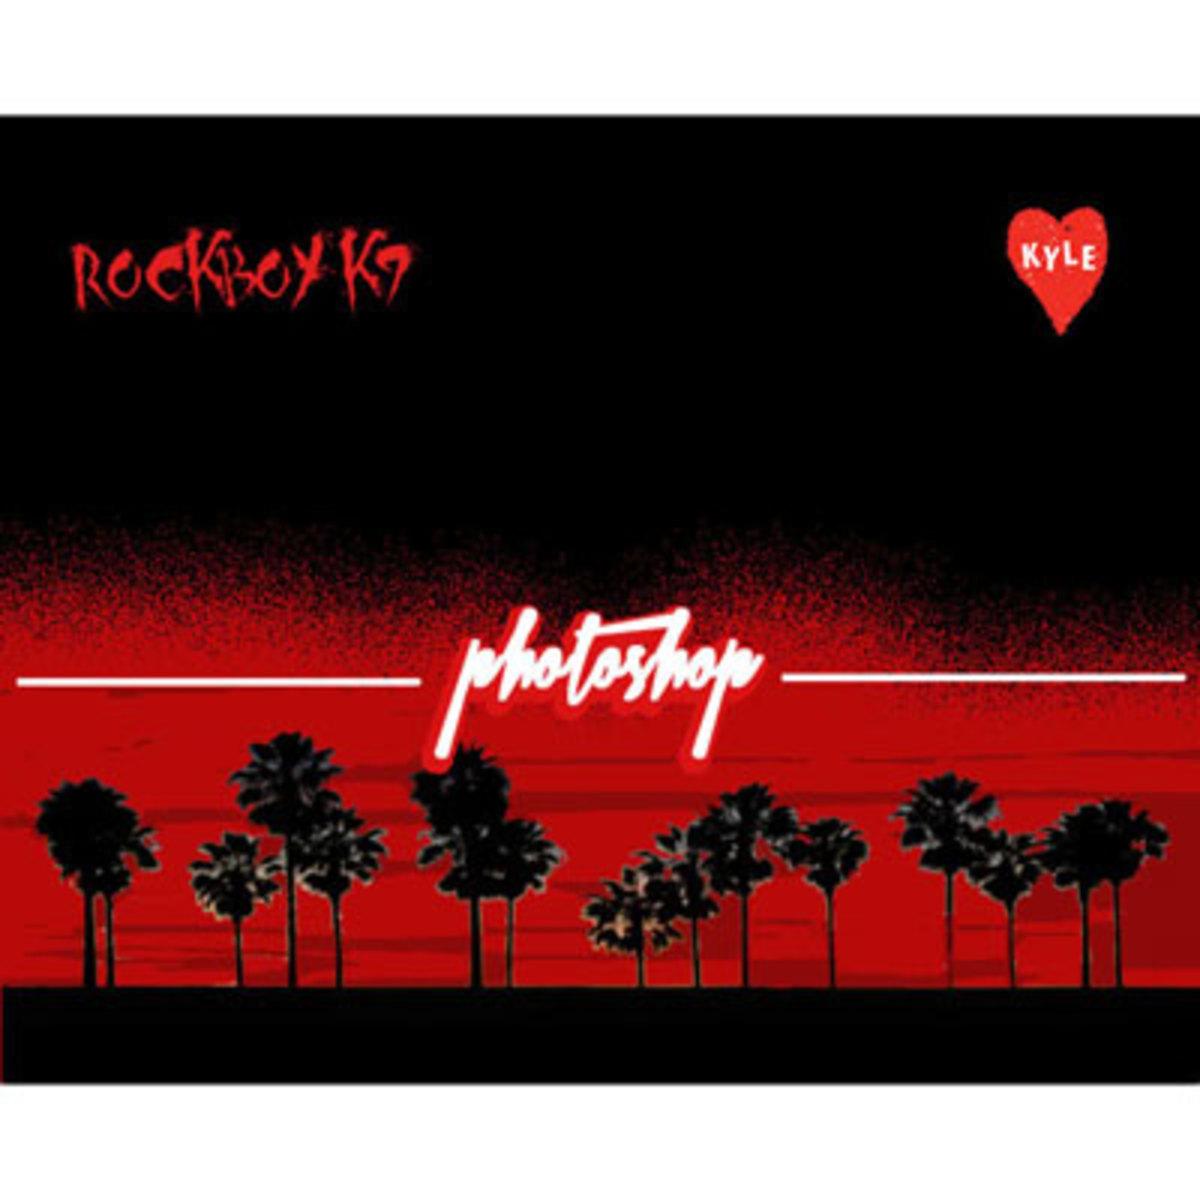 rockboyk9-photoshop.jpg